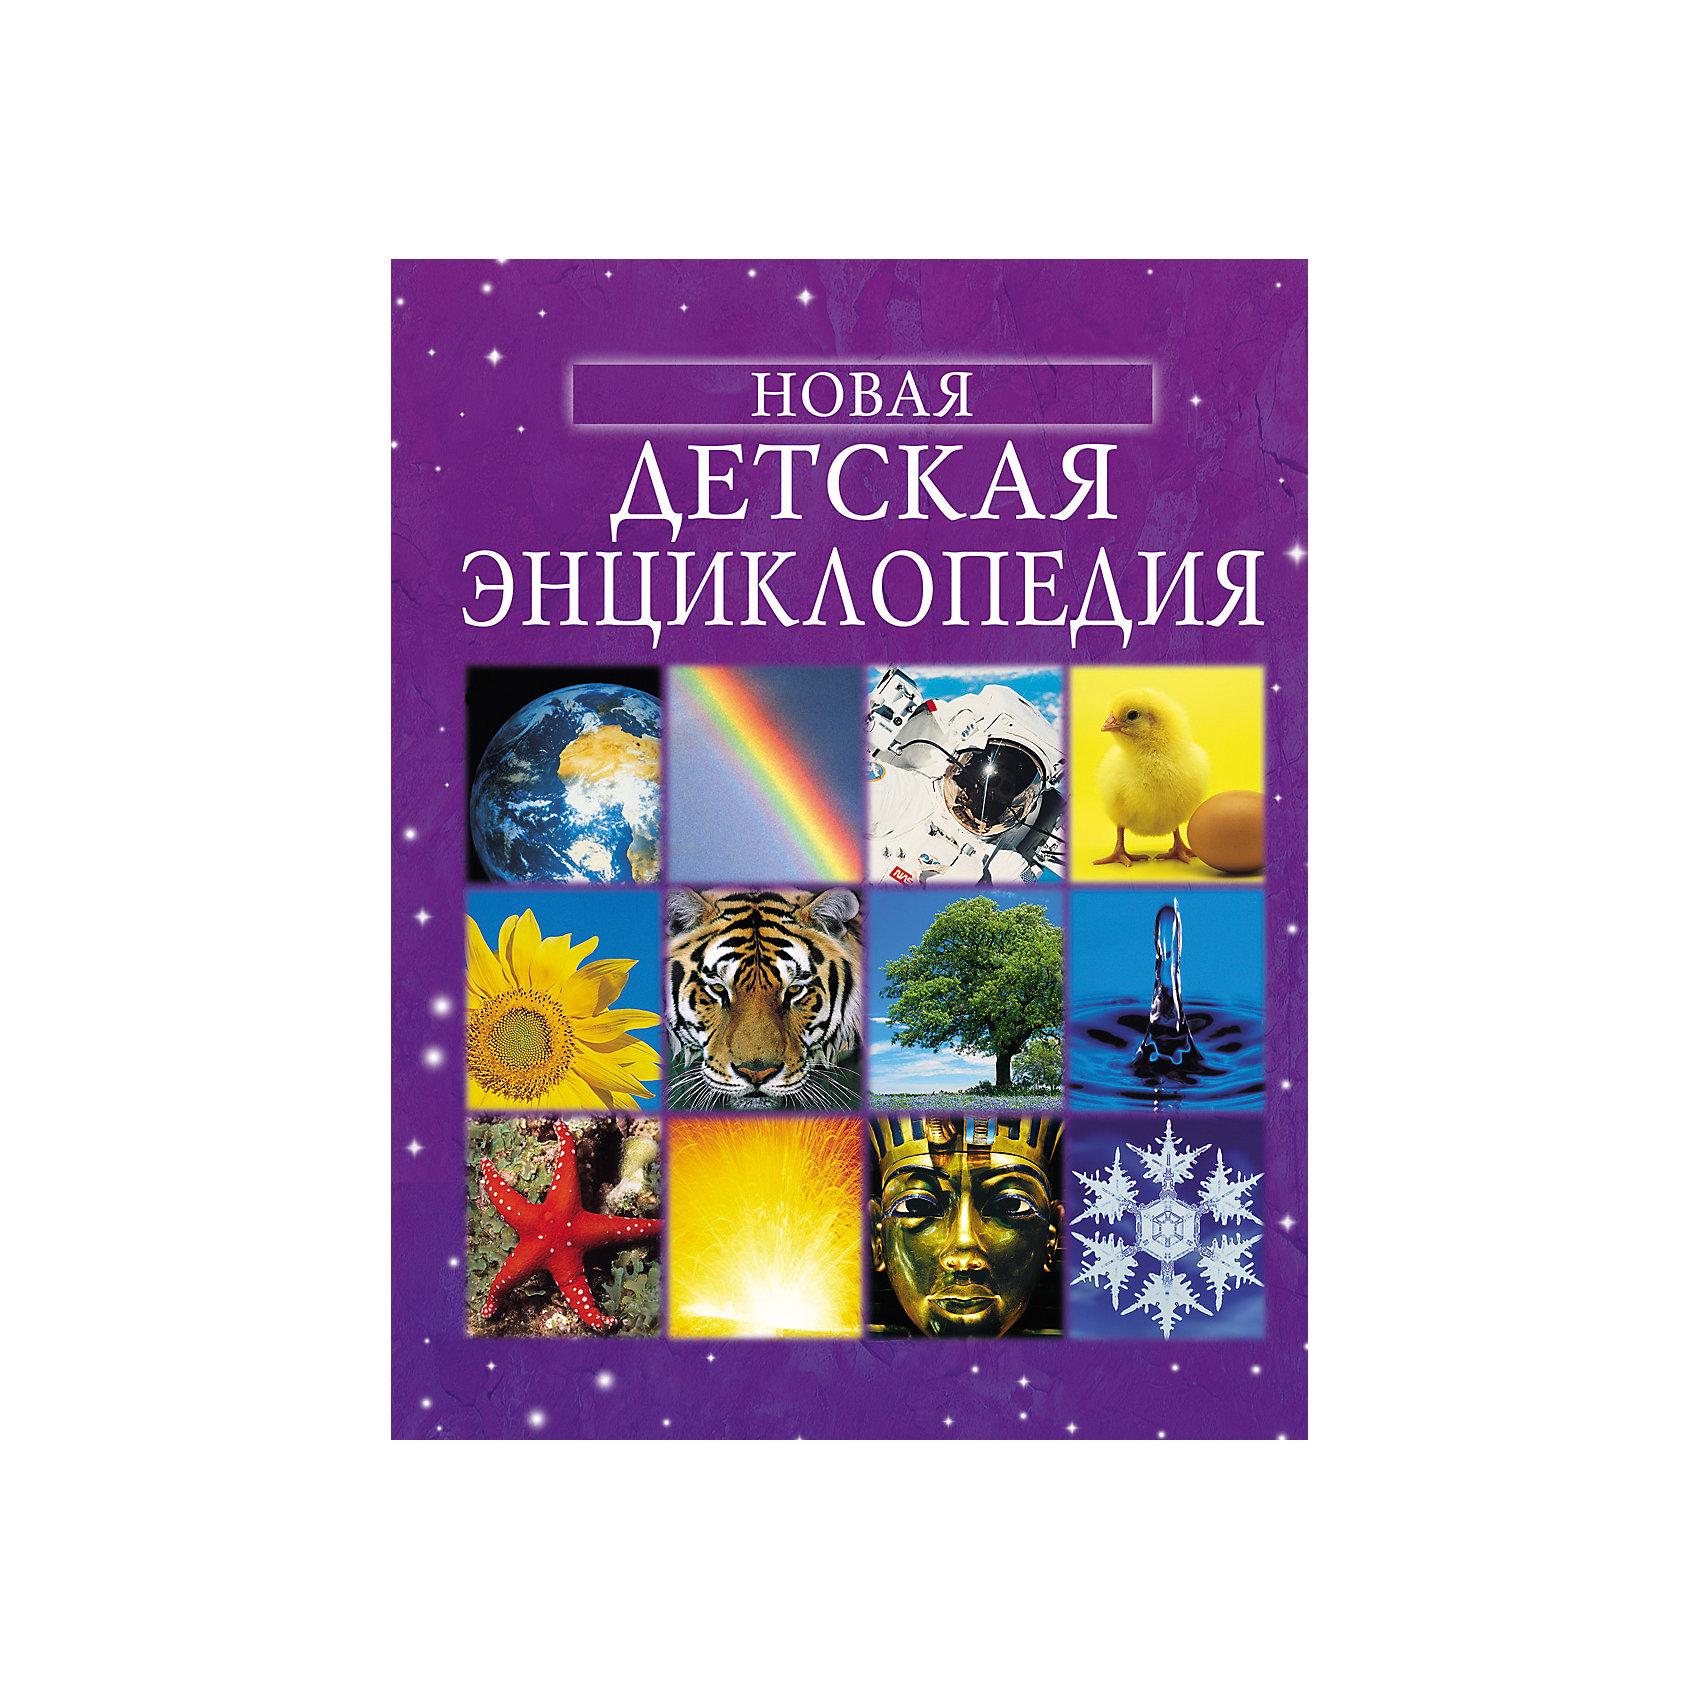 Новая детская энциклопедияЭнциклопедии для школьников<br>Характеристики товара:<br><br>- цвет: разноцветный;<br>- материал: бумага;<br>- страниц: 320;<br>- формат: 60x90/8;<br>- обложка: твердая;<br>- цветные иллюстрации.<br><br>Эта интересная книга с иллюстрациями станет отличным подарком для ребенка. Она содержит в себе ответы на вопросы, которые интересуют малышей. Всё представлено в очень простой форме! Талантливый иллюстратор дополнил книгу качественными рисунками, которые помогают ребенку понять суть многих вещей в нашем мире. Удивительные и интересные факты помогут привить любовь к учебе!<br>Чтение - отличный способ активизации мышления, оно помогает ребенку развивать зрительную память, концентрацию внимания и воображение. Издание произведено из качественных материалов, которые безопасны даже для самых маленьких.<br><br>Книгу Новая детская энциклопедия от компании Росмэн можно купить в нашем интернет-магазине.<br><br>Ширина мм: 283<br>Глубина мм: 215<br>Высота мм: 20<br>Вес г: 1072<br>Возраст от месяцев: 84<br>Возраст до месяцев: 108<br>Пол: Унисекс<br>Возраст: Детский<br>SKU: 5109999